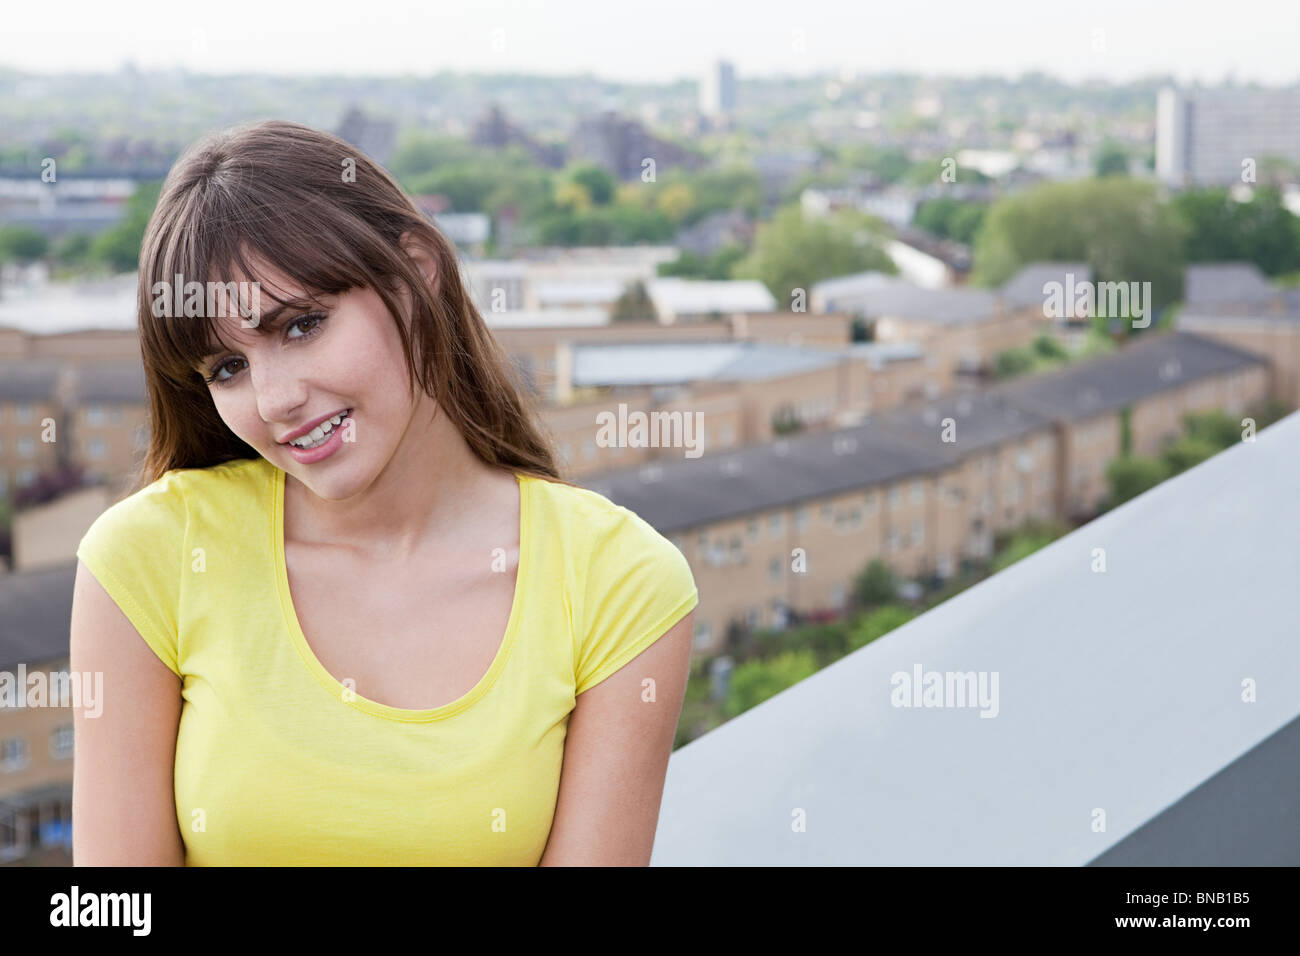 Mujer joven y escena urbana en segundo plano. Imagen De Stock